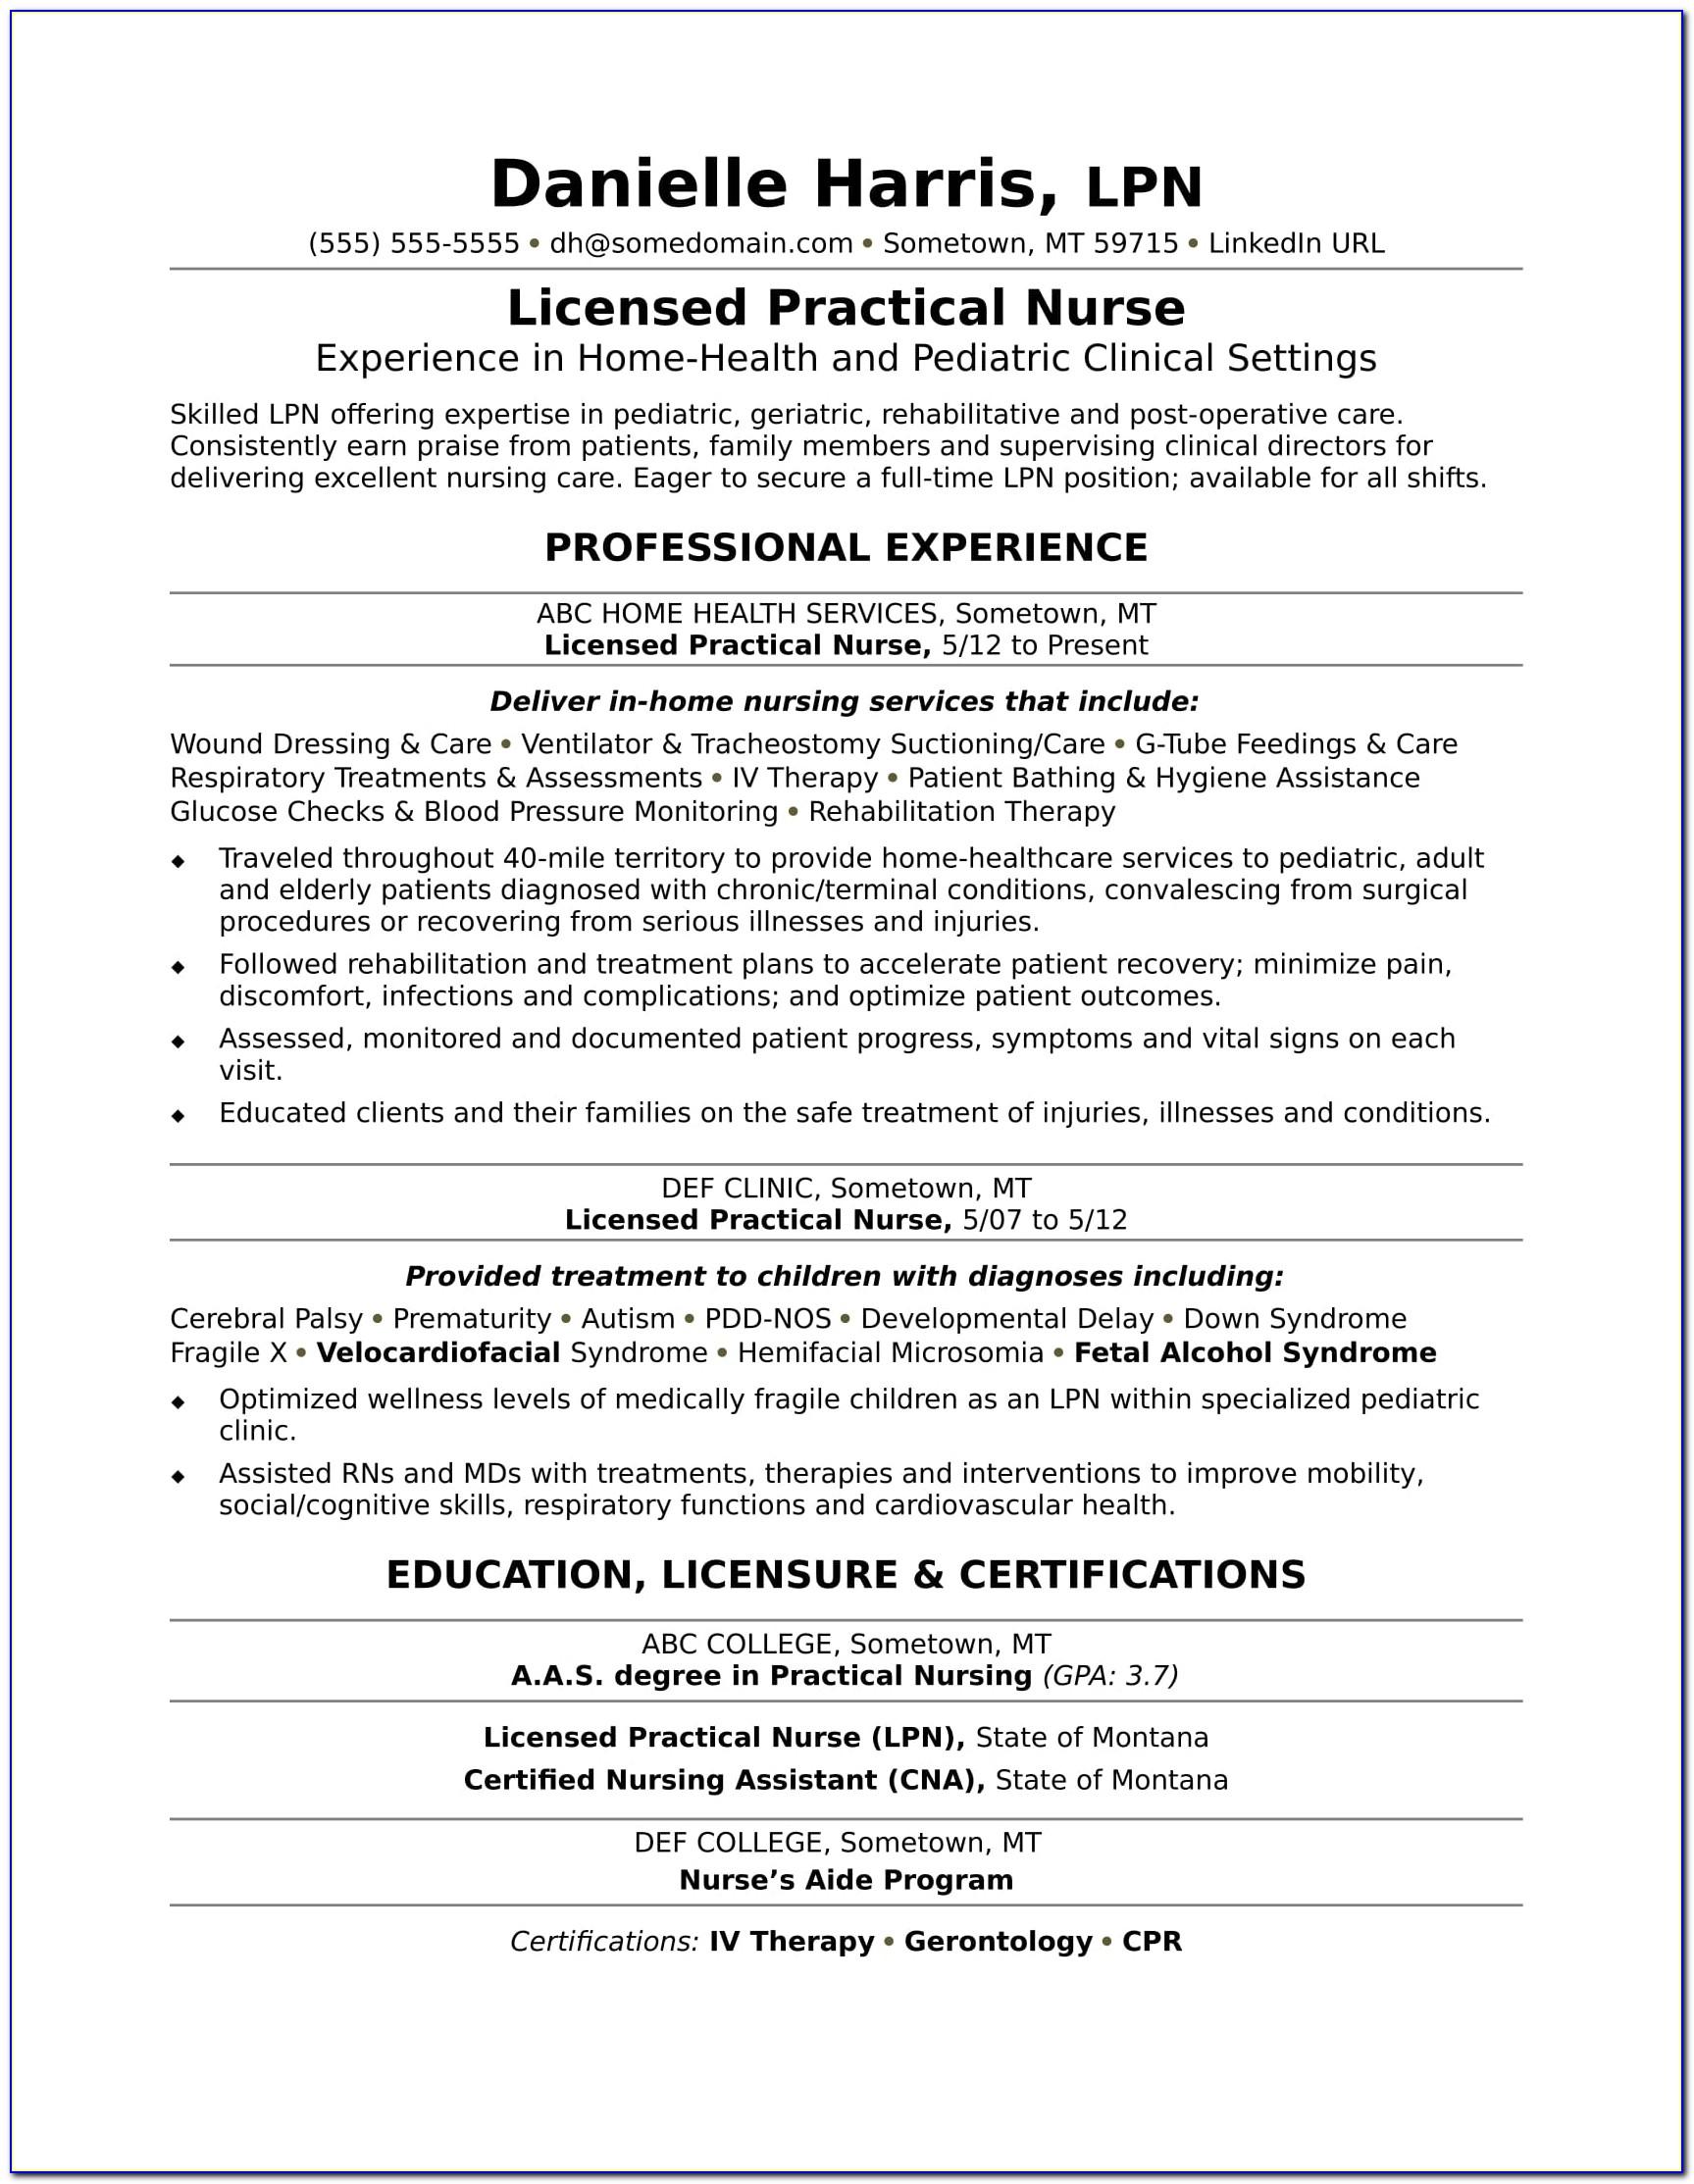 Licensed Practical Nurse Resume Examples